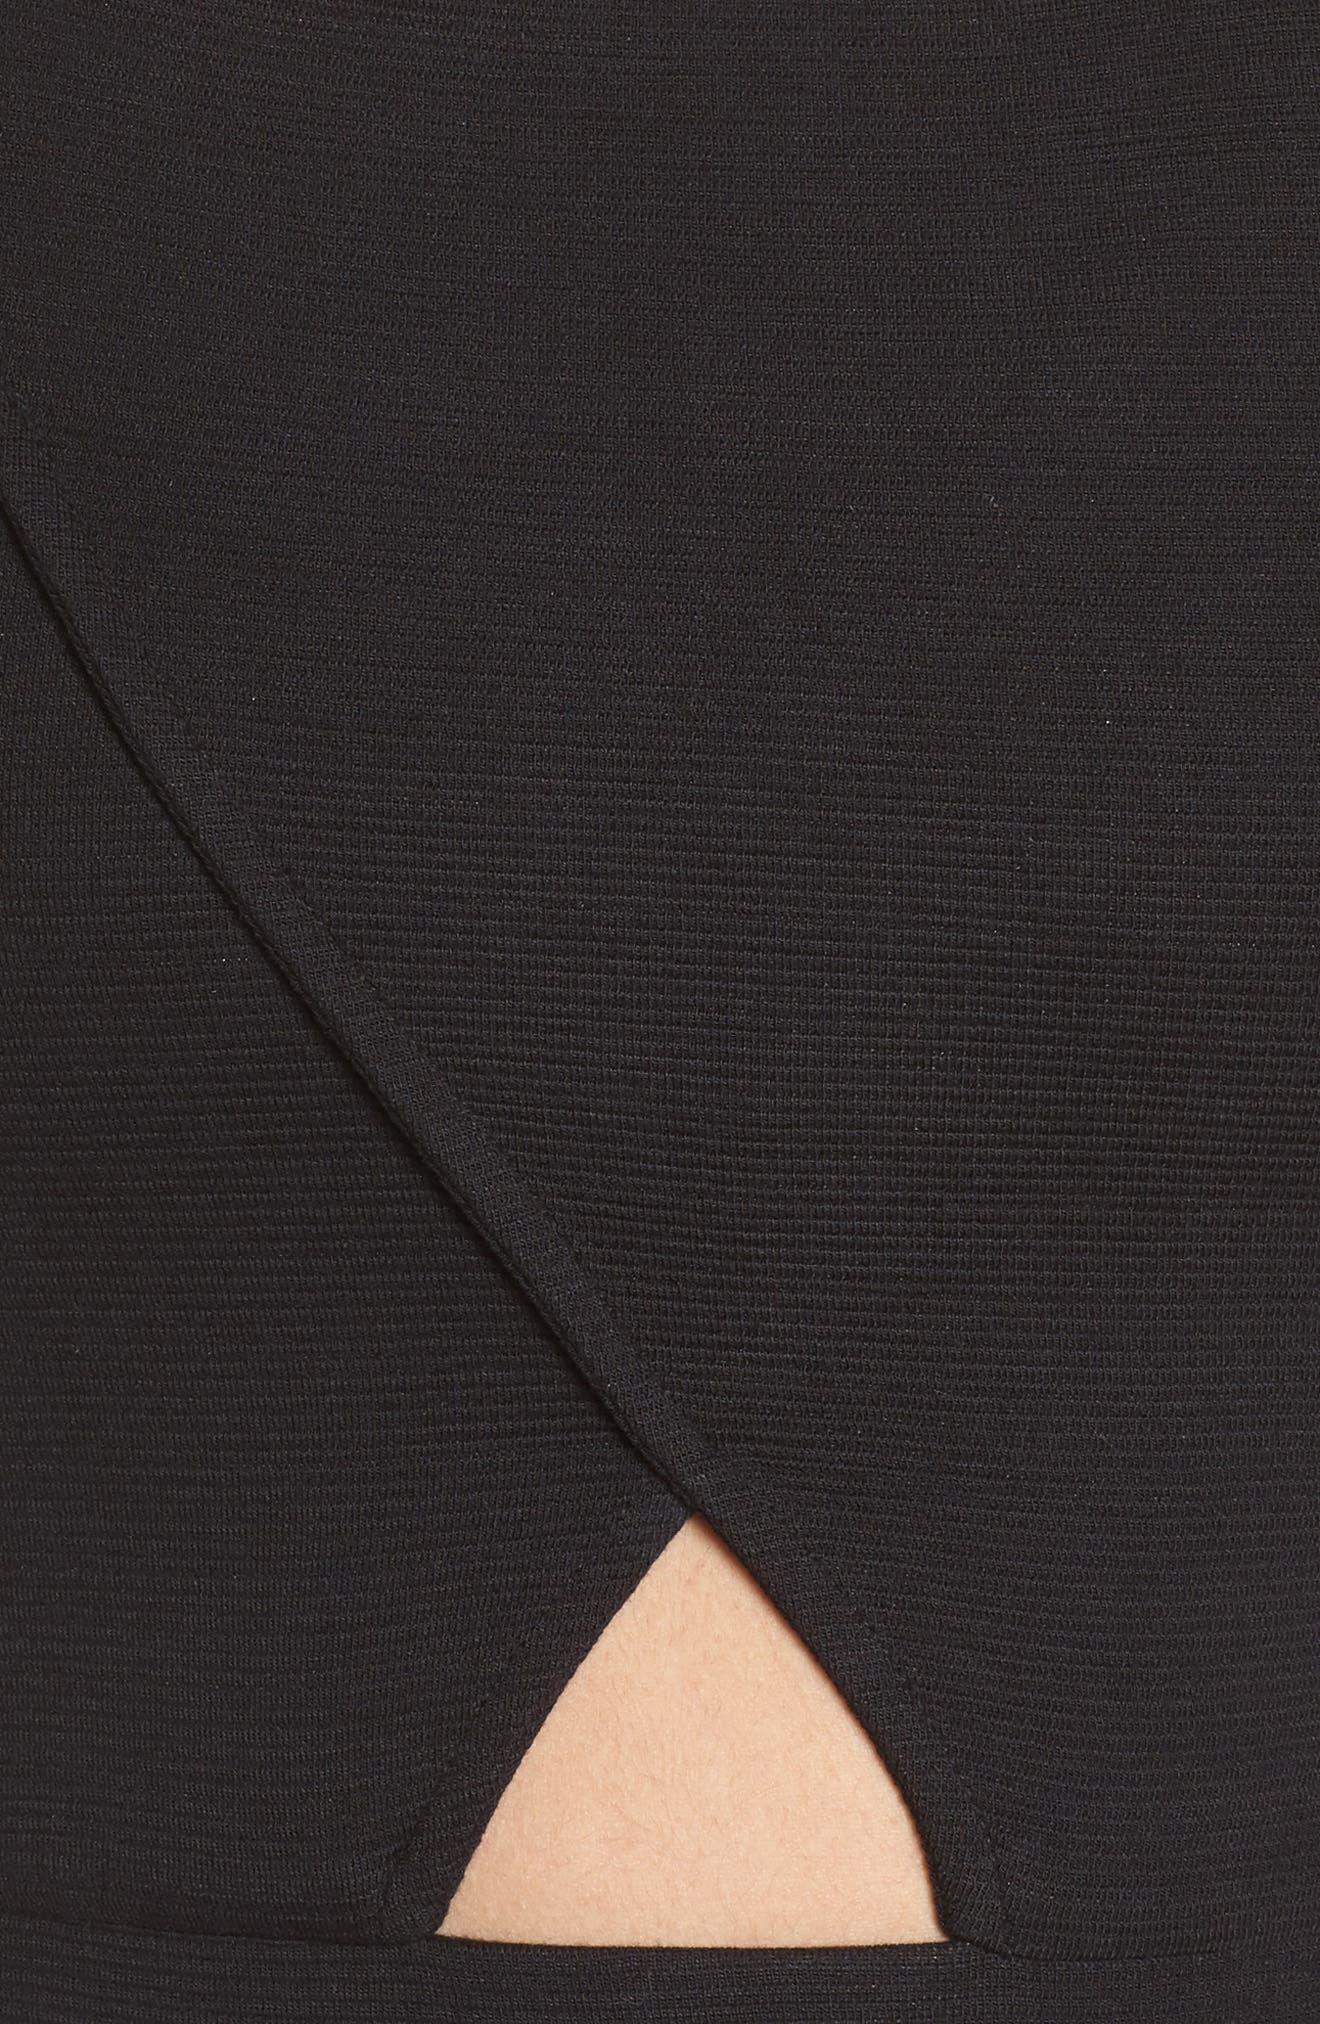 Archive Crop Top,                             Alternate thumbnail 6, color,                             Puma Black